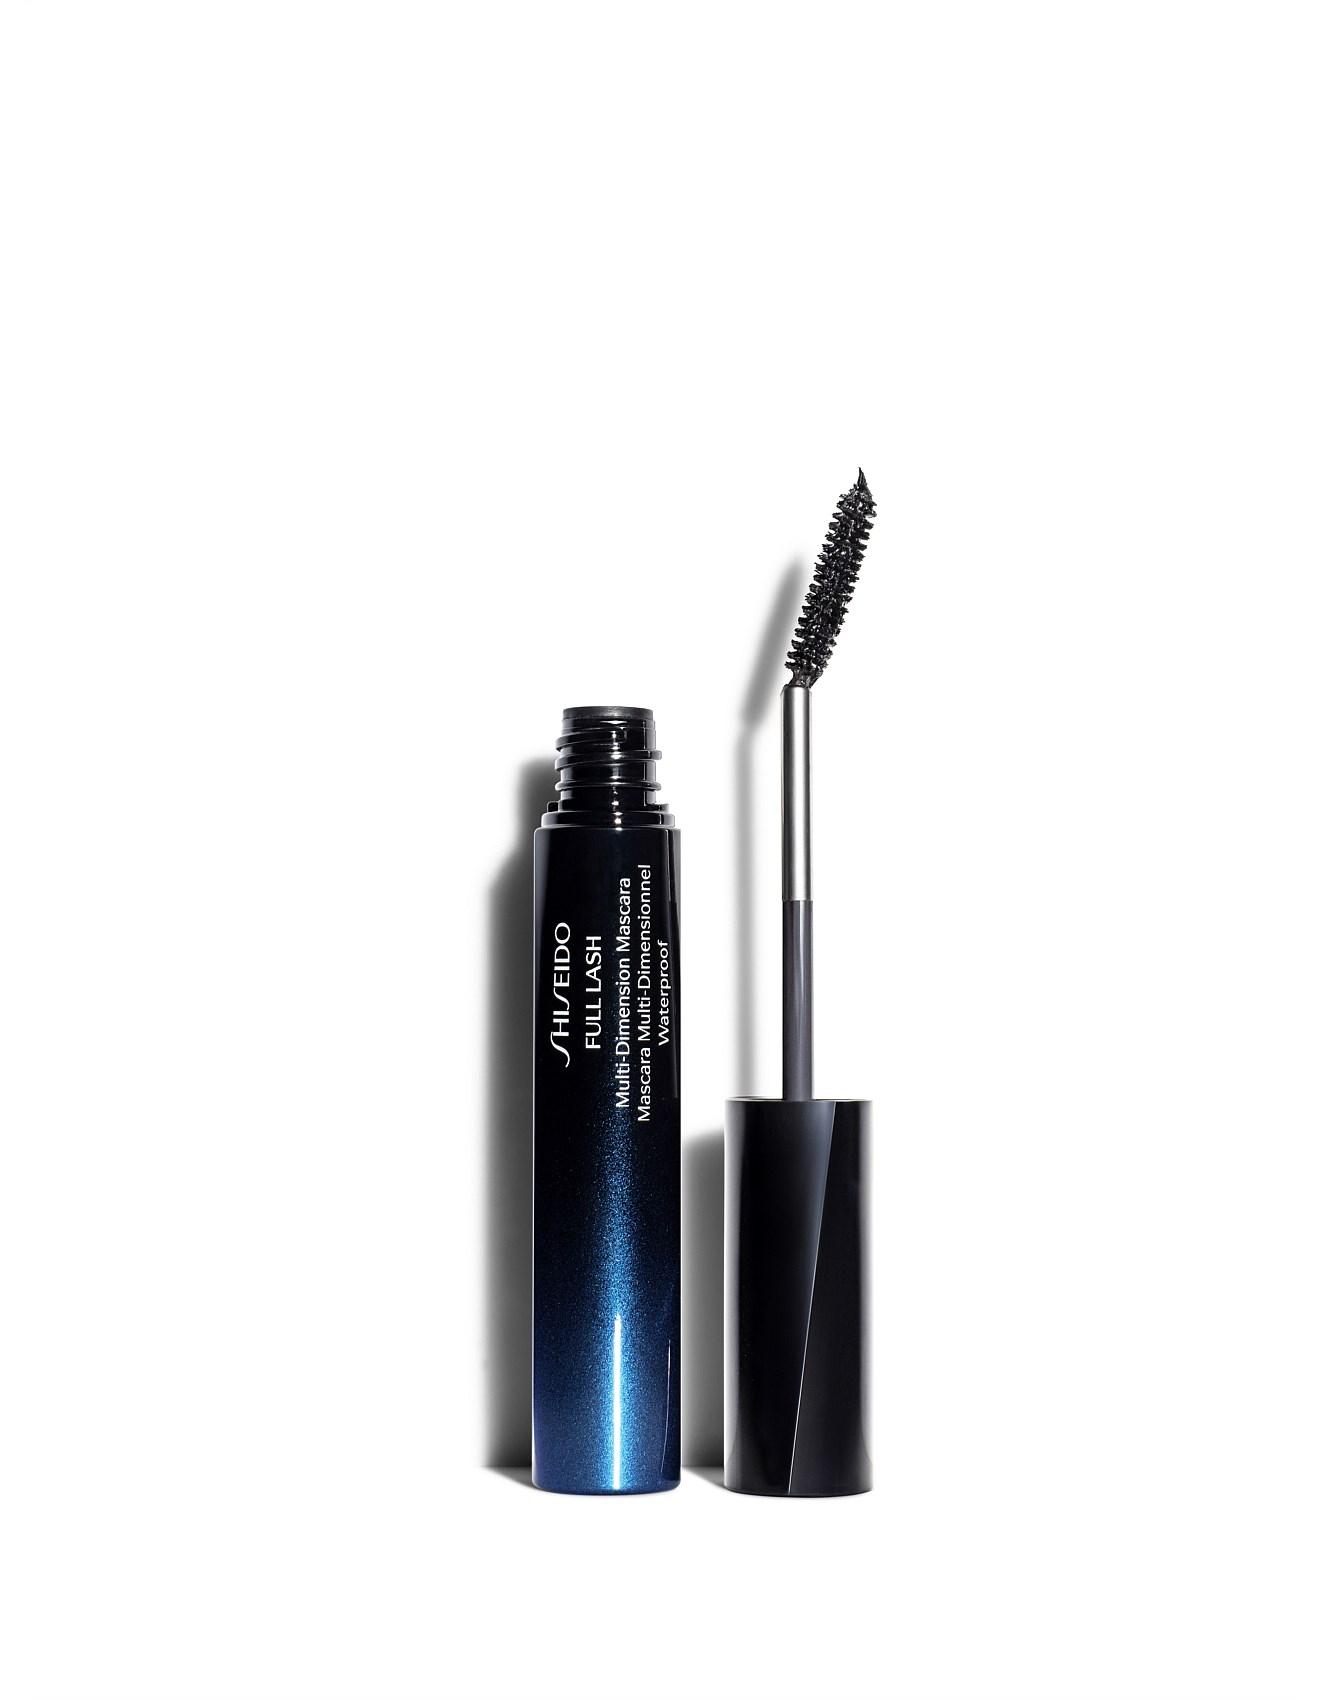 shiseido full lash multi dimension mascara waterproof review